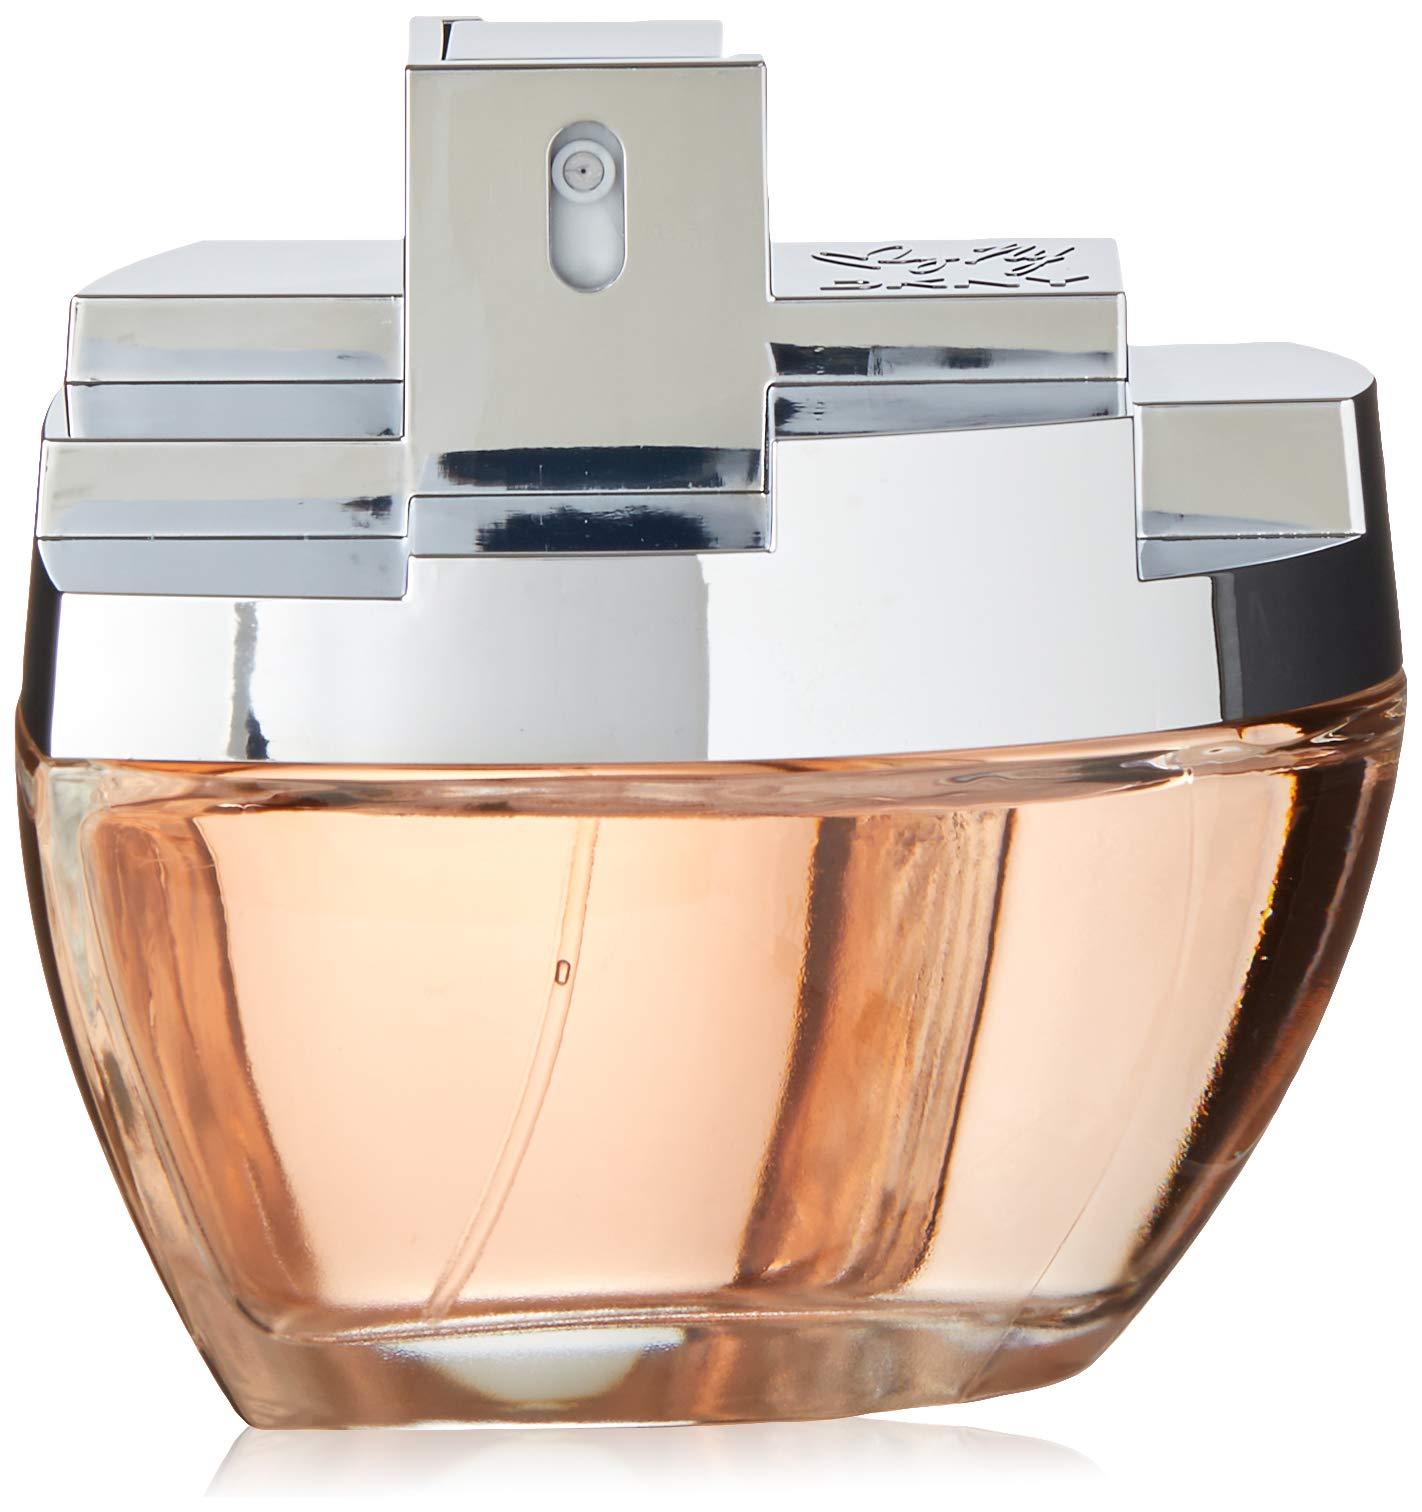 Donna Karan DKNY My NY Eau de Parfum Spray for Women, 3.4 Ounce by Donna Karan